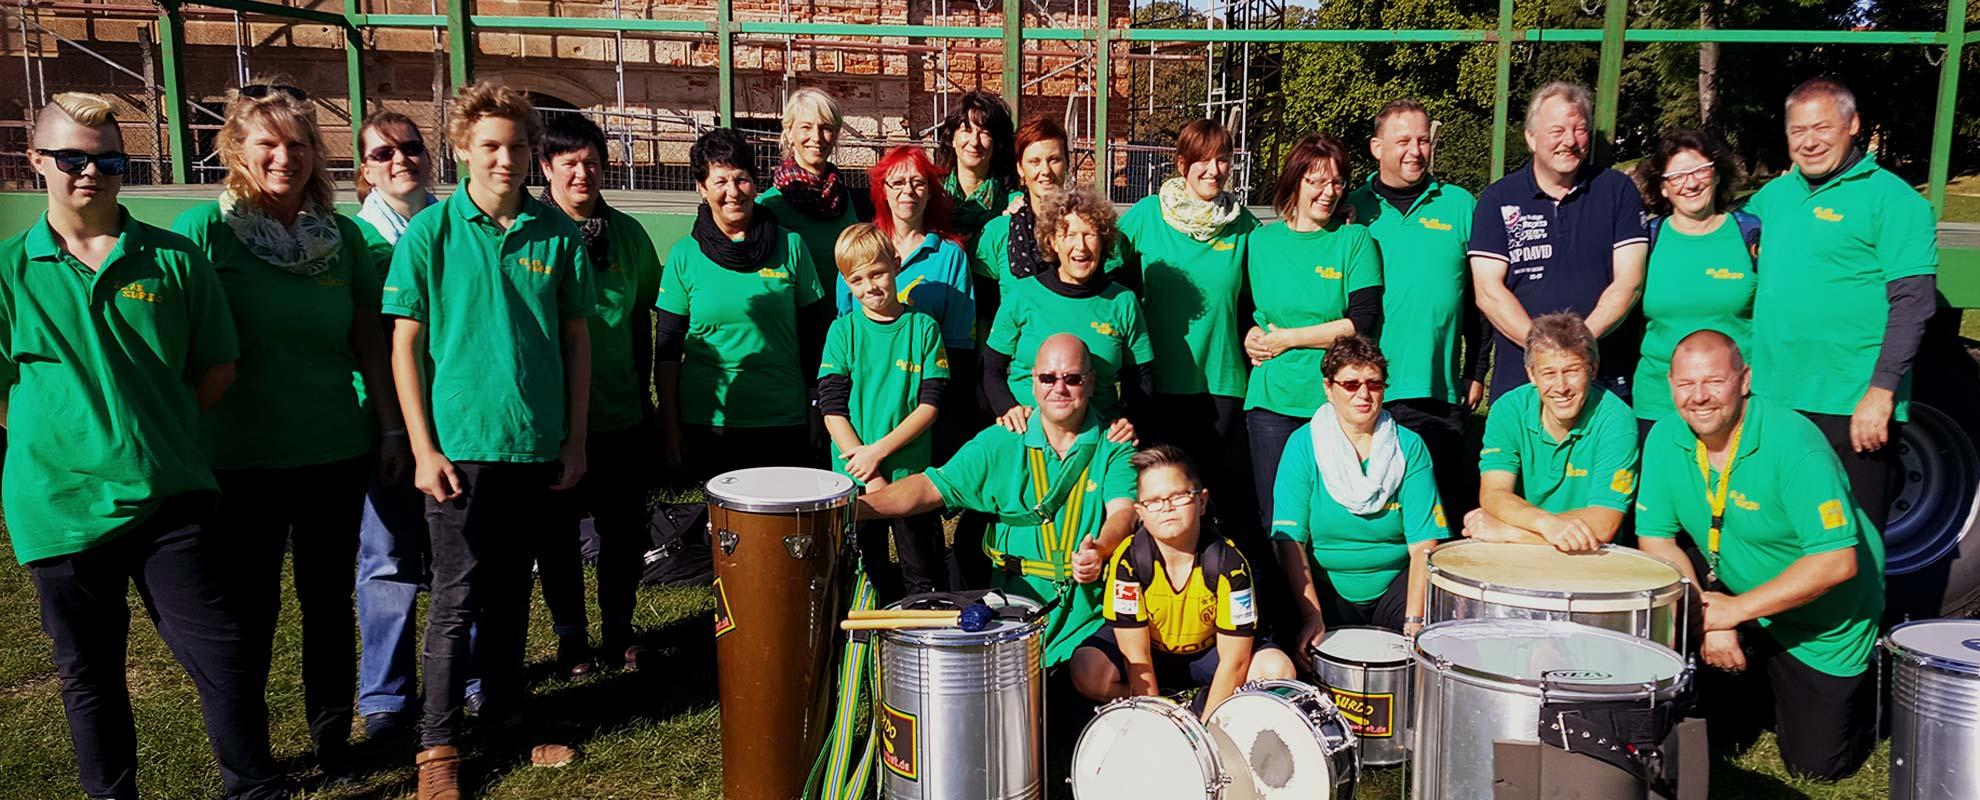 El Ab Surdo - Die Samba-Band aus Zerbst